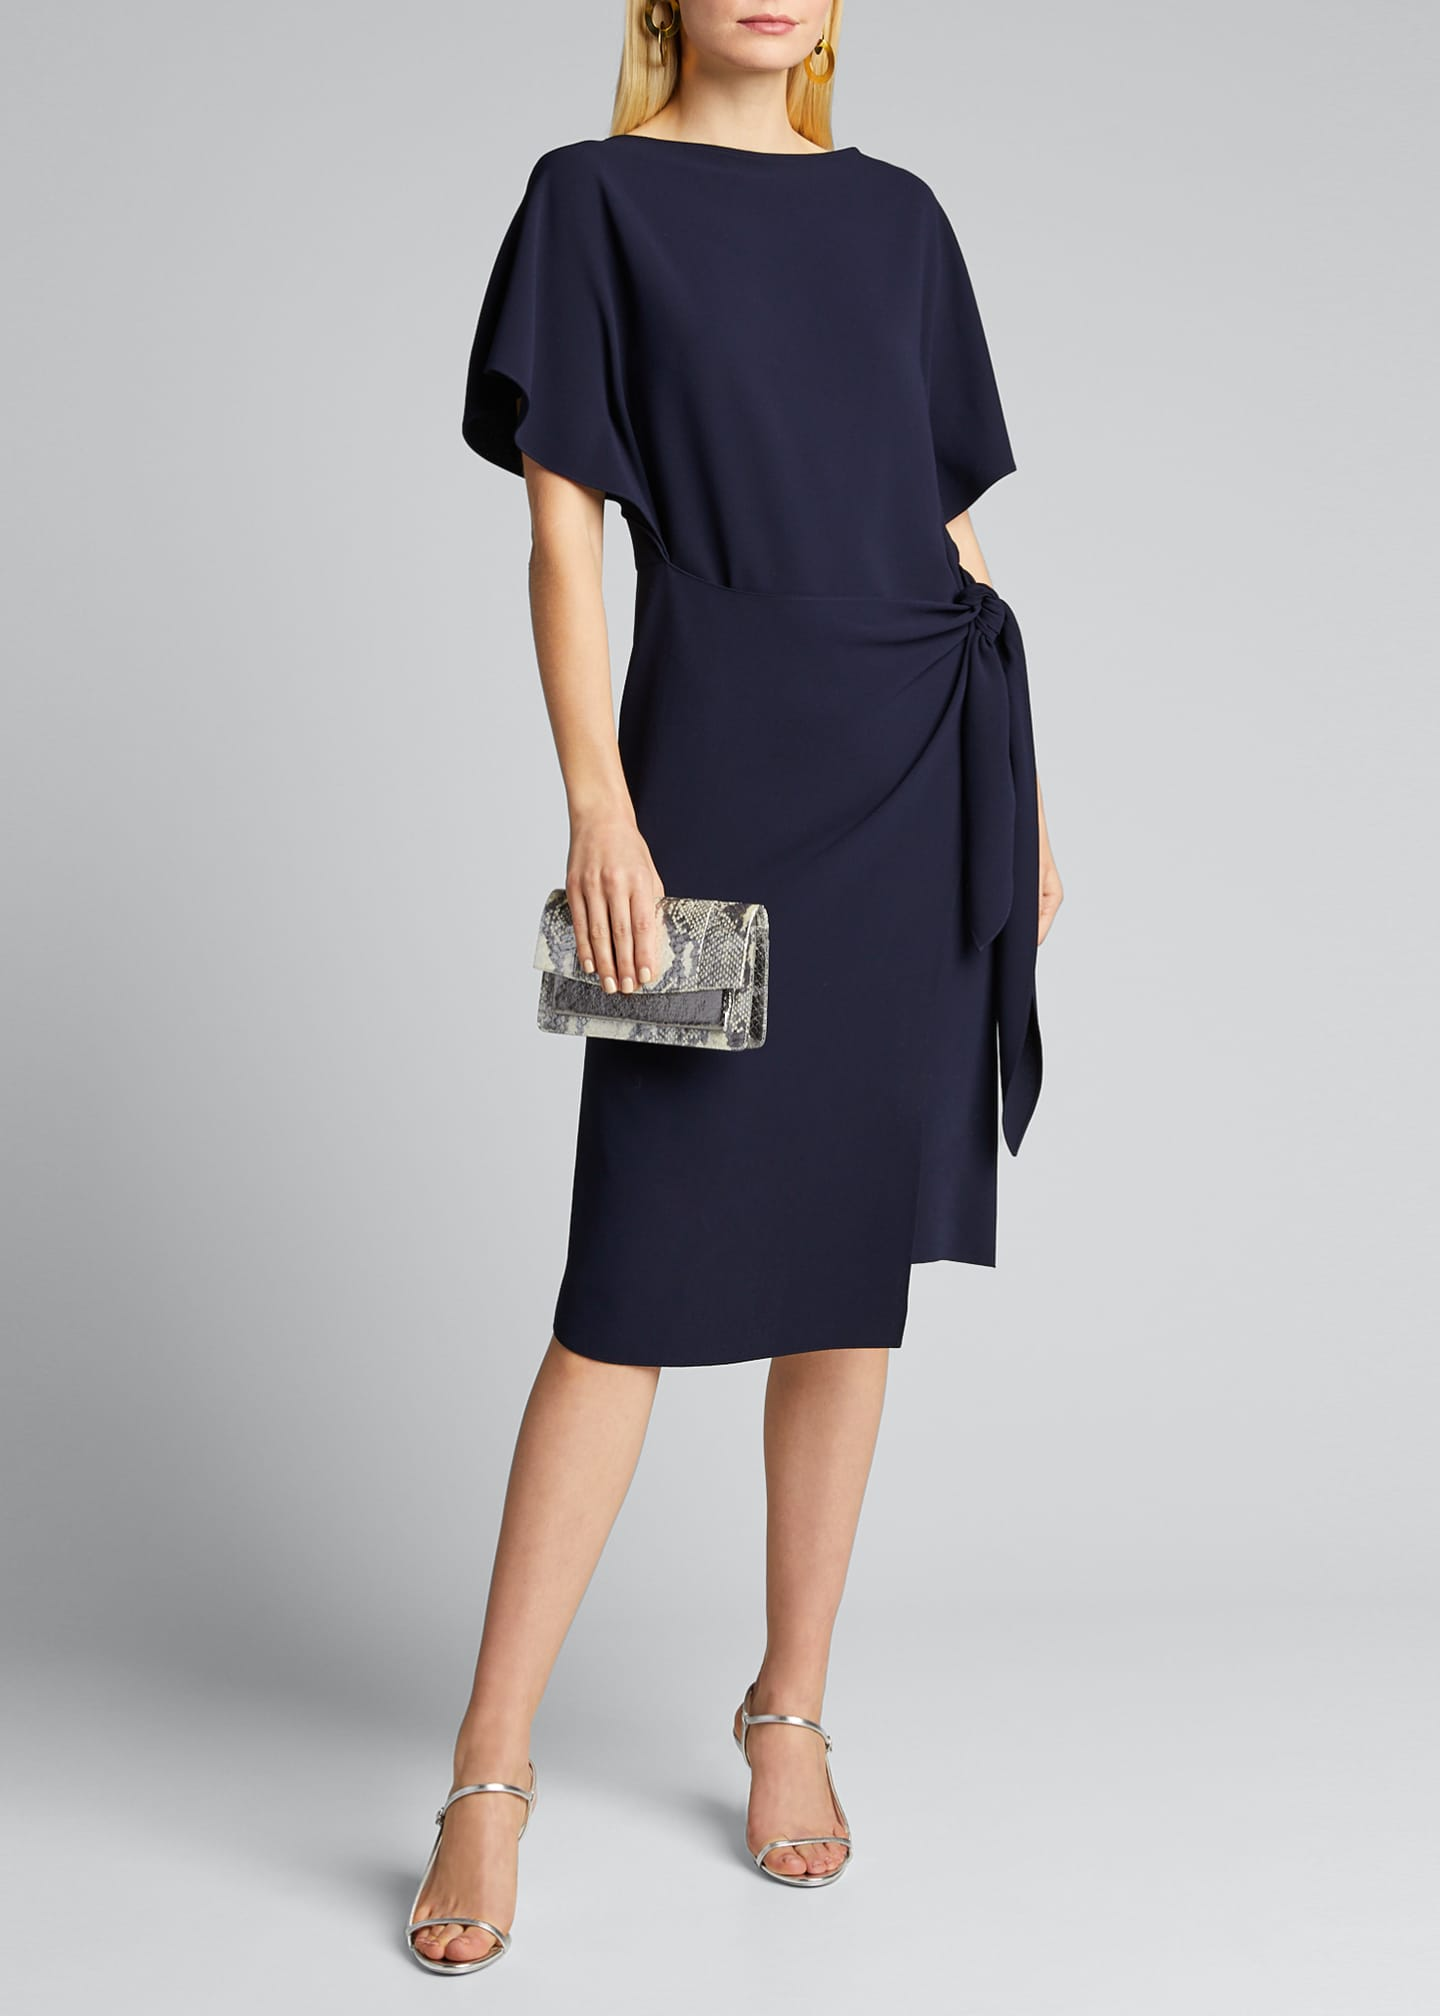 Ralph Lauren Collection Wayland Short-Sleeve Wrap Dress